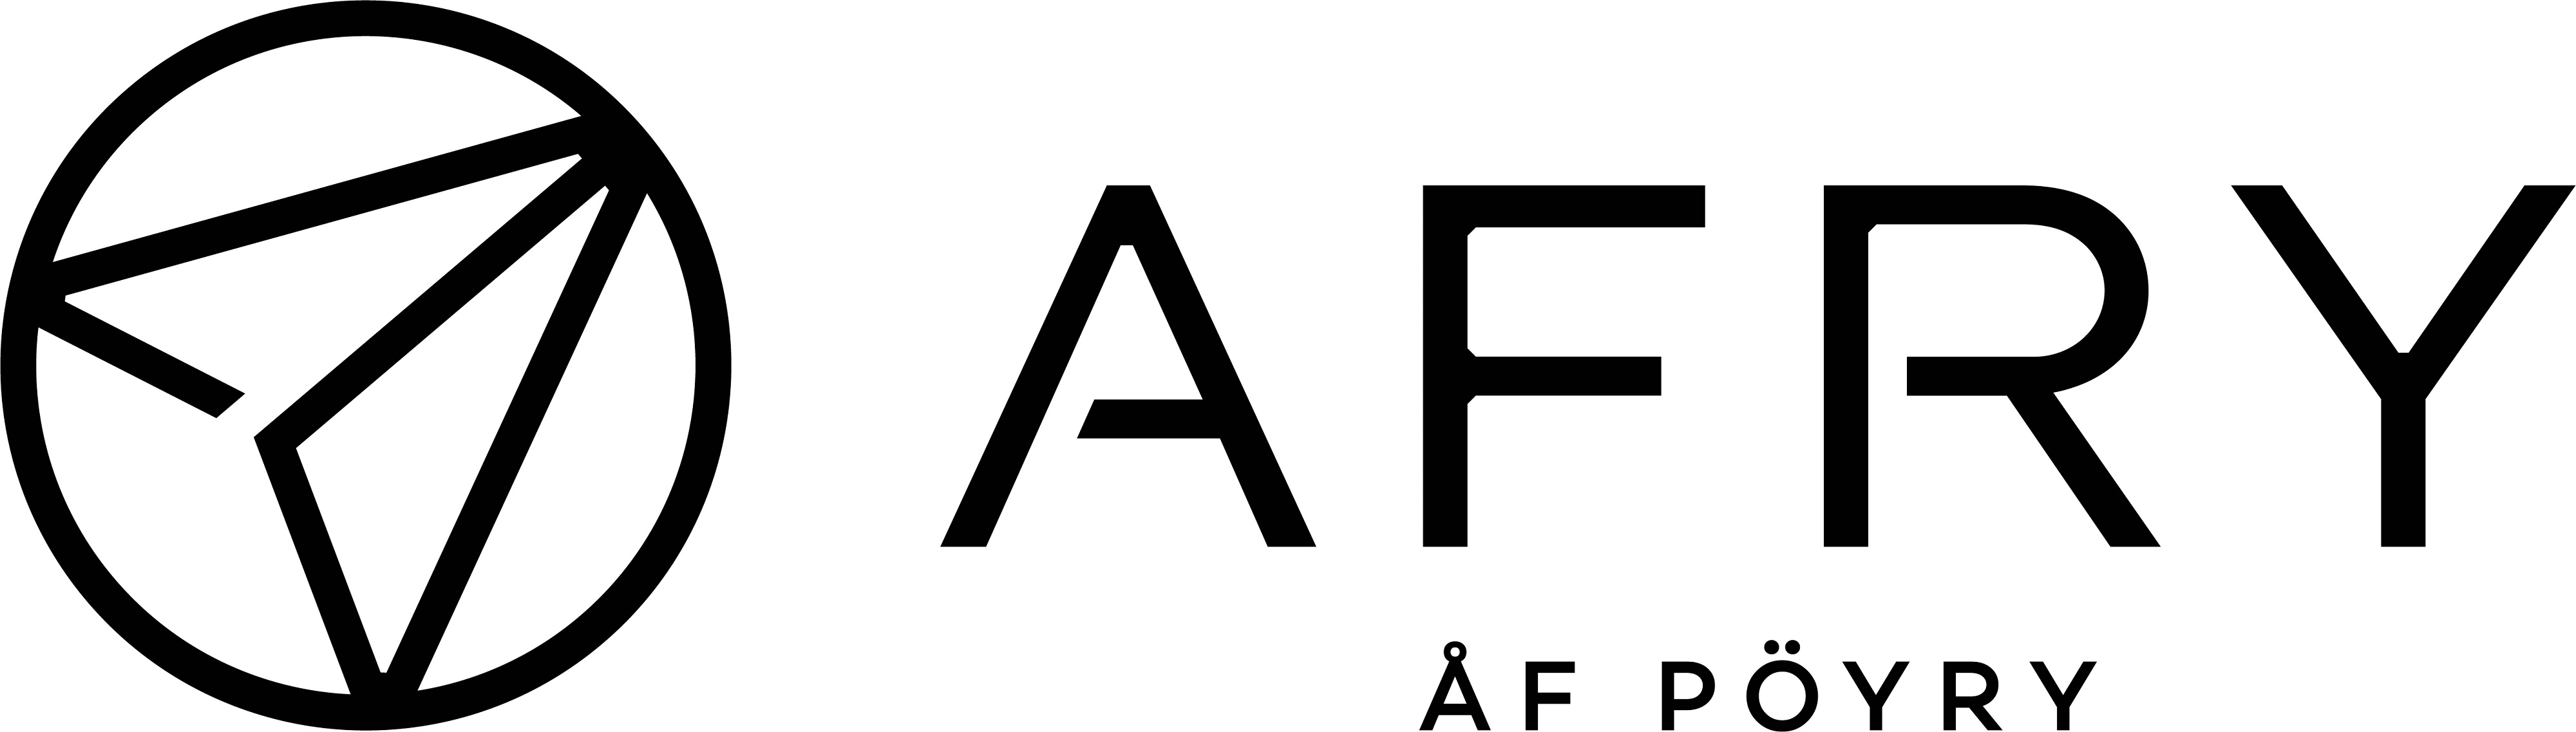 AFRY Ei Enää Mukaan Uusiin Hiilivoimaloihin Liittyviin Hankkeisiin | AFRY